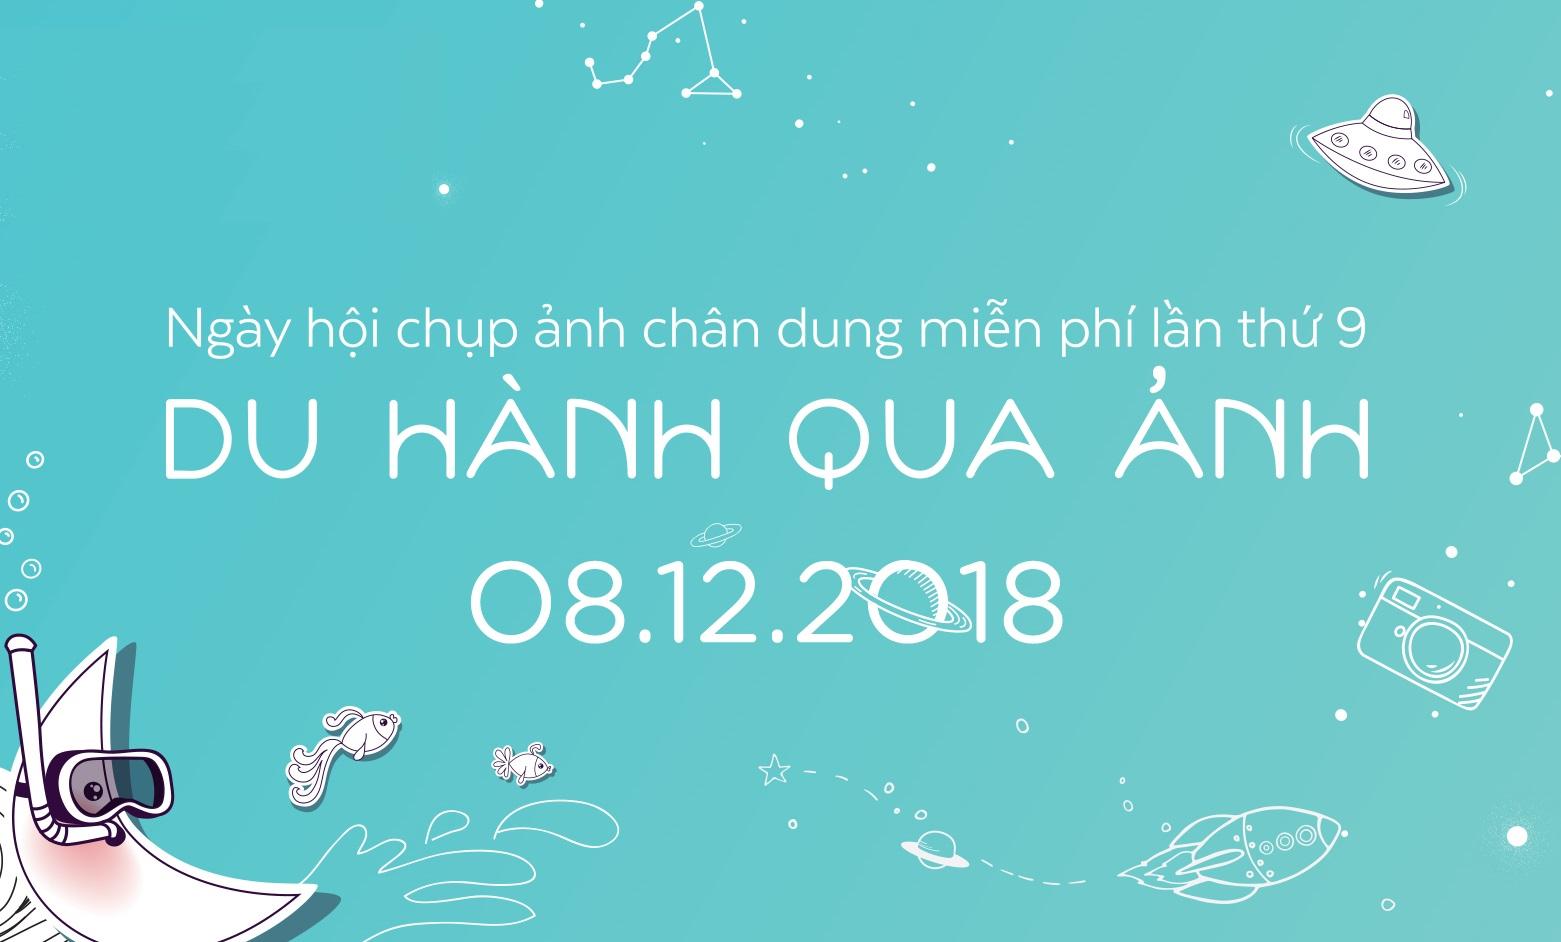 """Canon sát cánh cùng Help-Portrait Việt Nam 2018  trong sự kiện """"Du hành qua ảnh"""""""